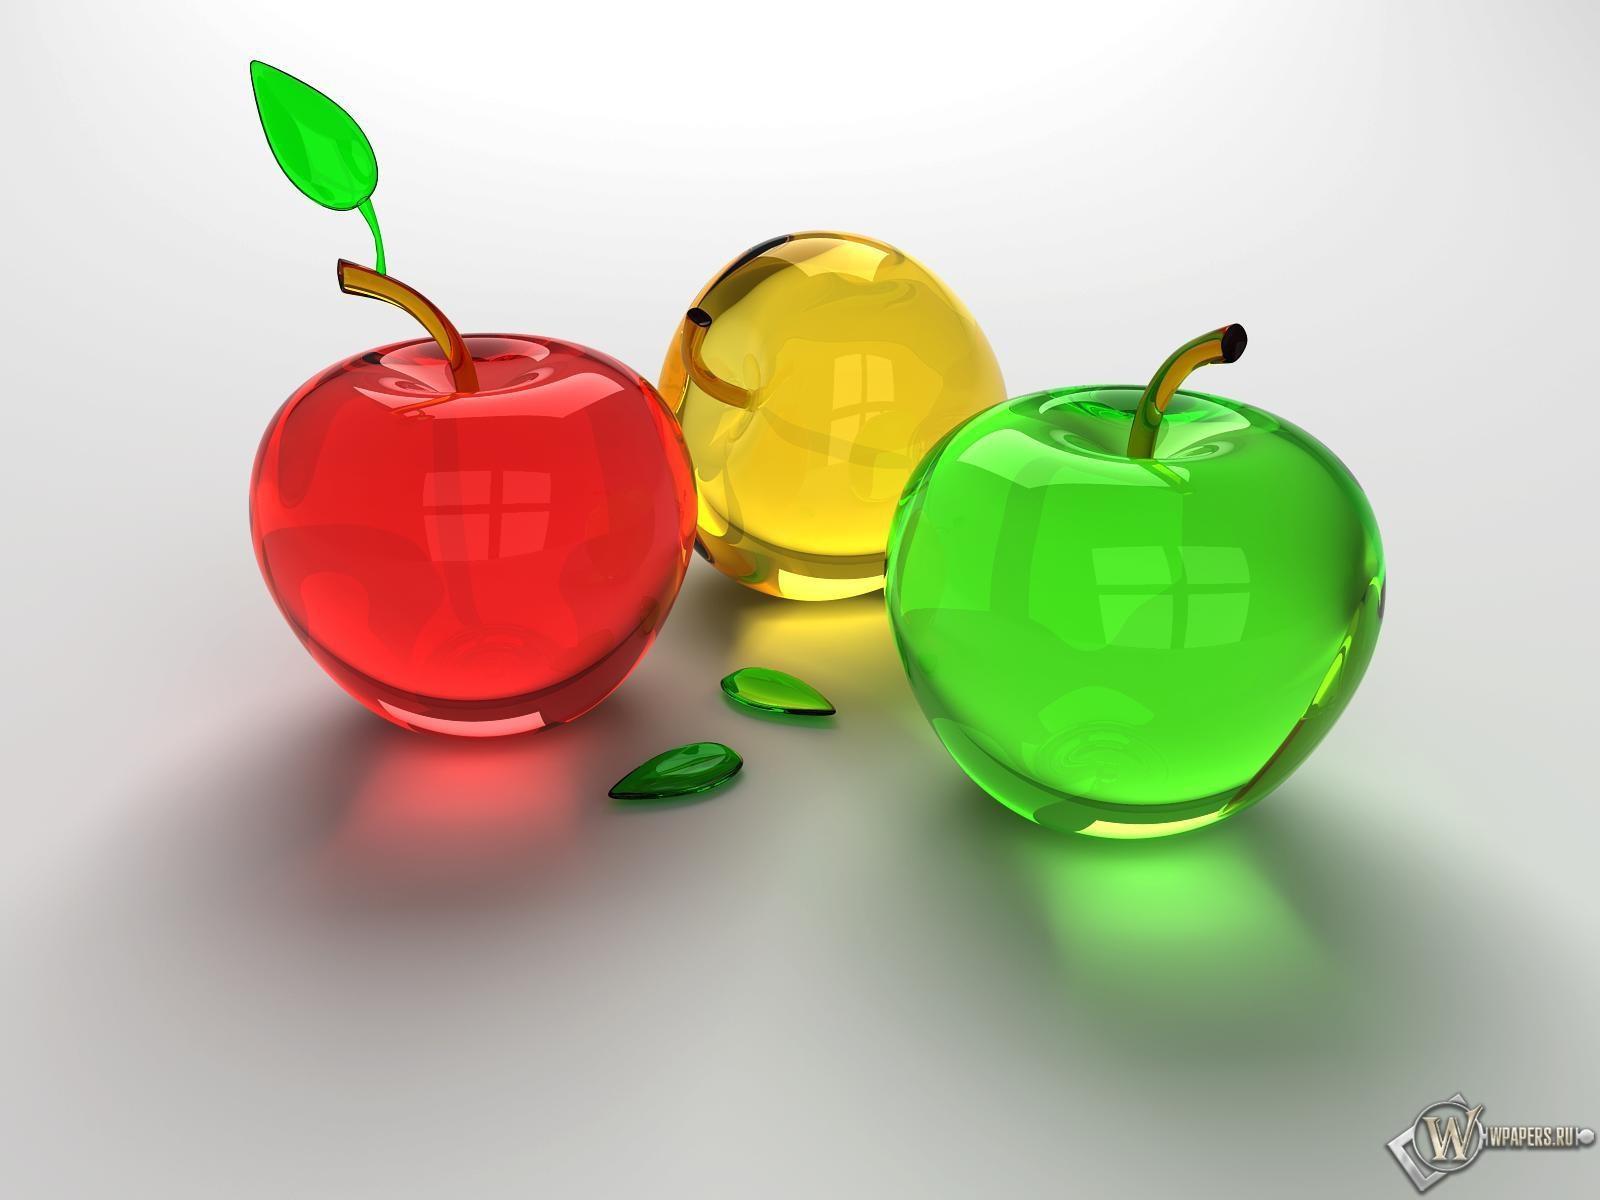 Яблочки 1600x1200